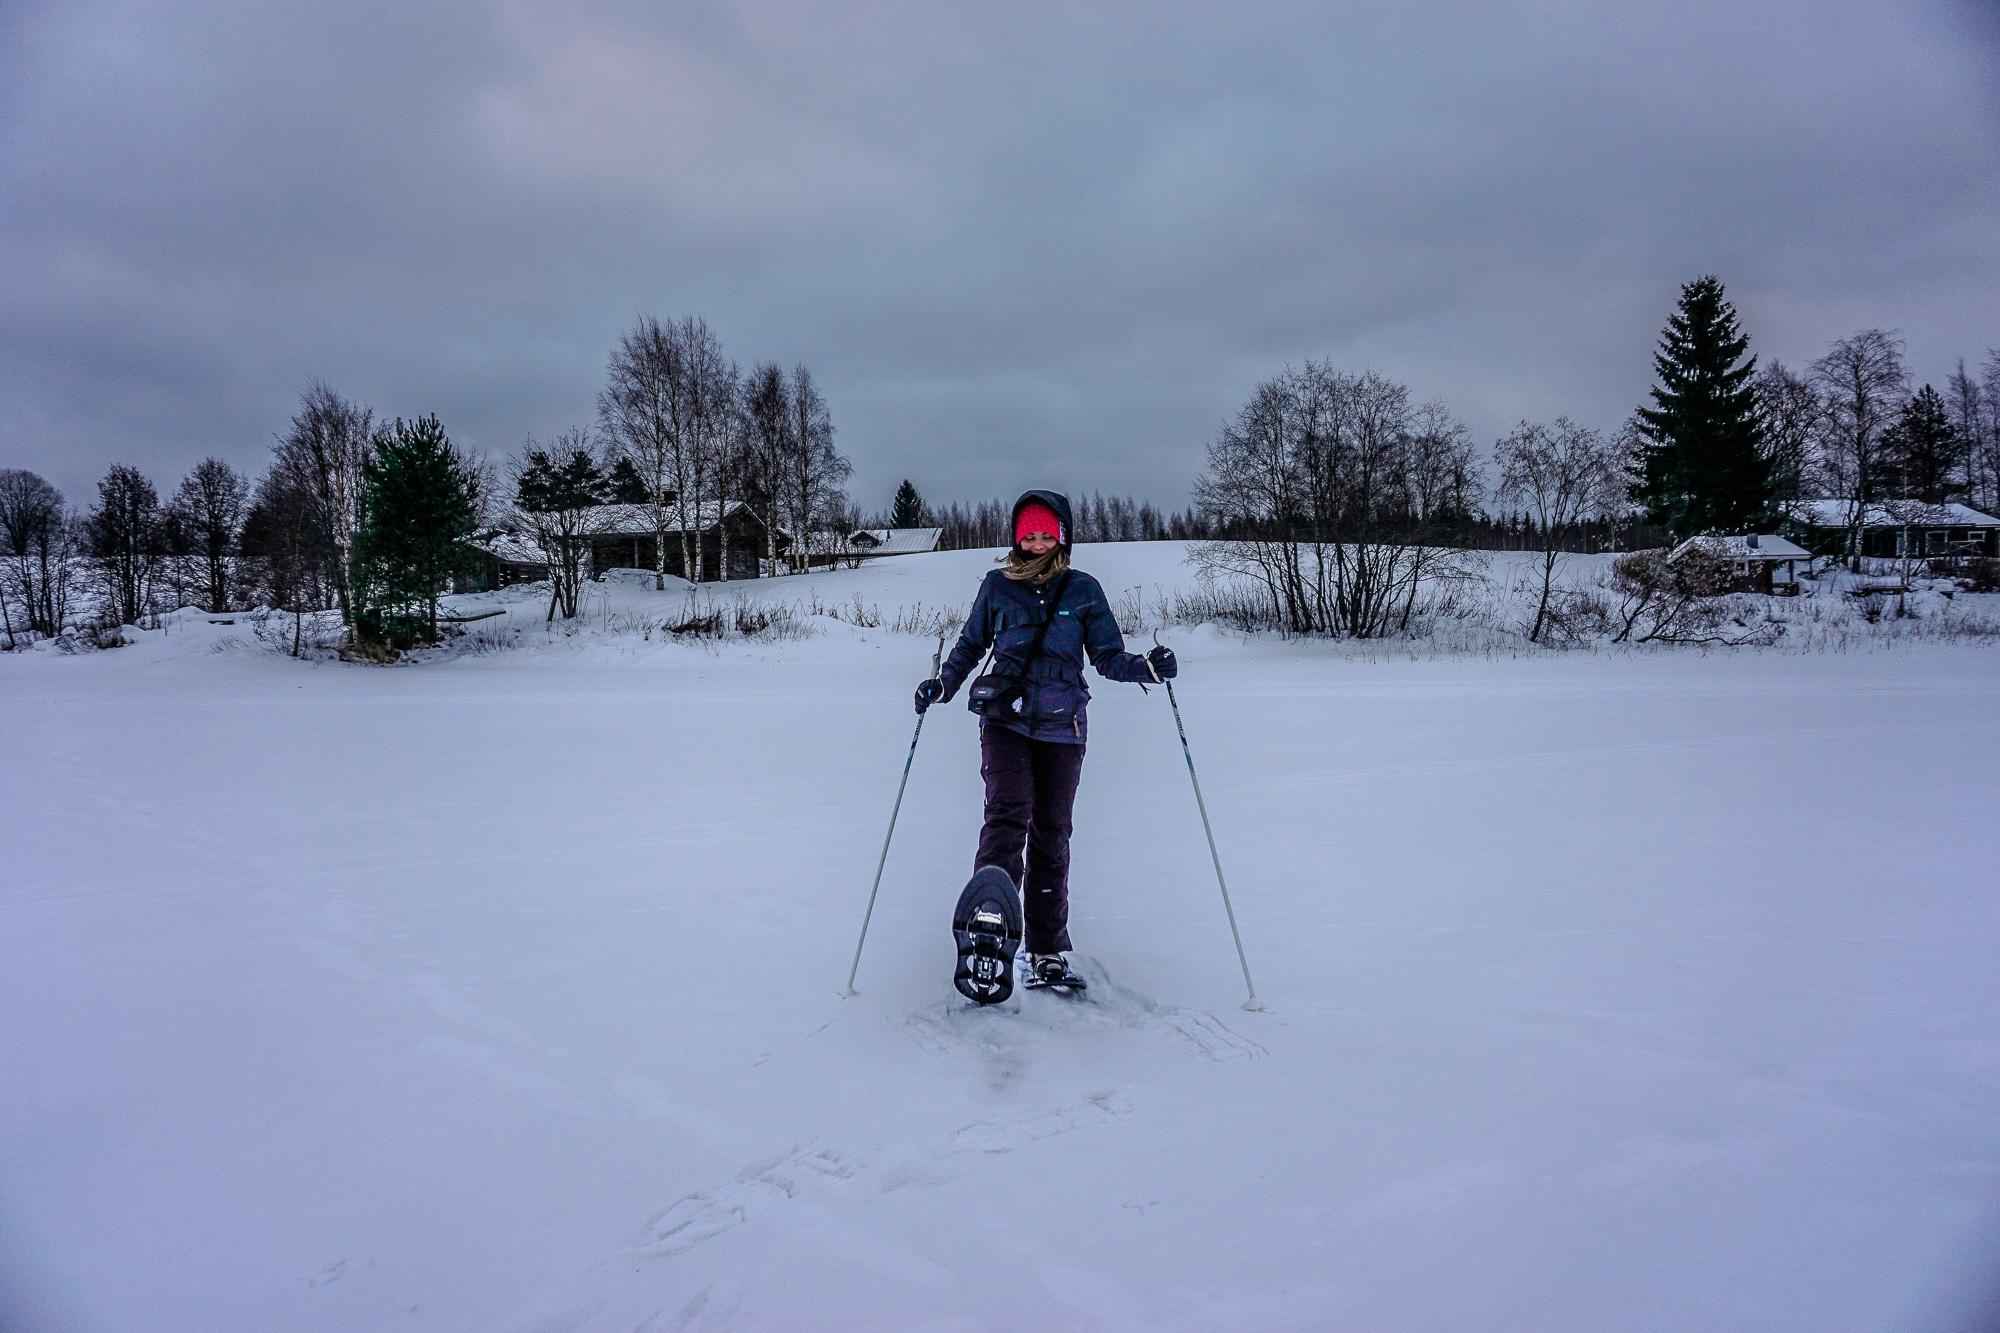 Winterurlaub in Jyväskylä (Lakeland Finnland). Perfekt für Outdoorsport und Urlaub im Winter. Hier sind die schönsten Sehenswürdigkeiten und Things to do.